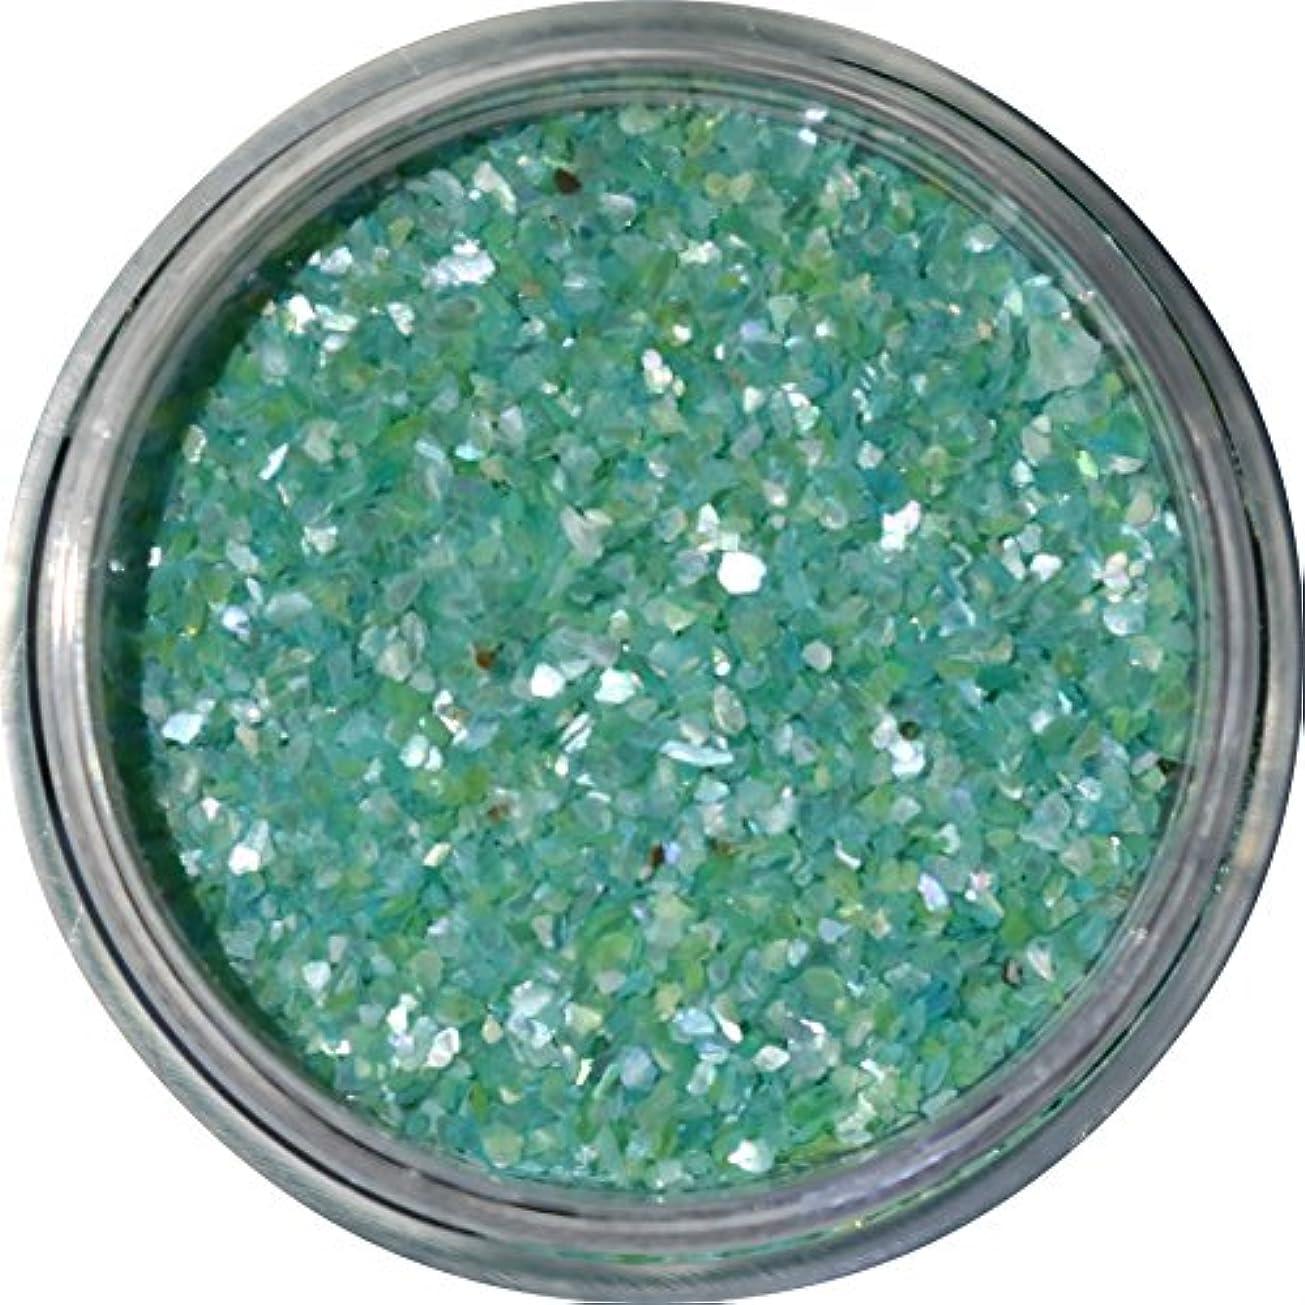 寄生虫シーン余裕がある【jewel】微粒子タイプ シェルパウダー 3g入り 12色から選択可能 (ライトブルー)